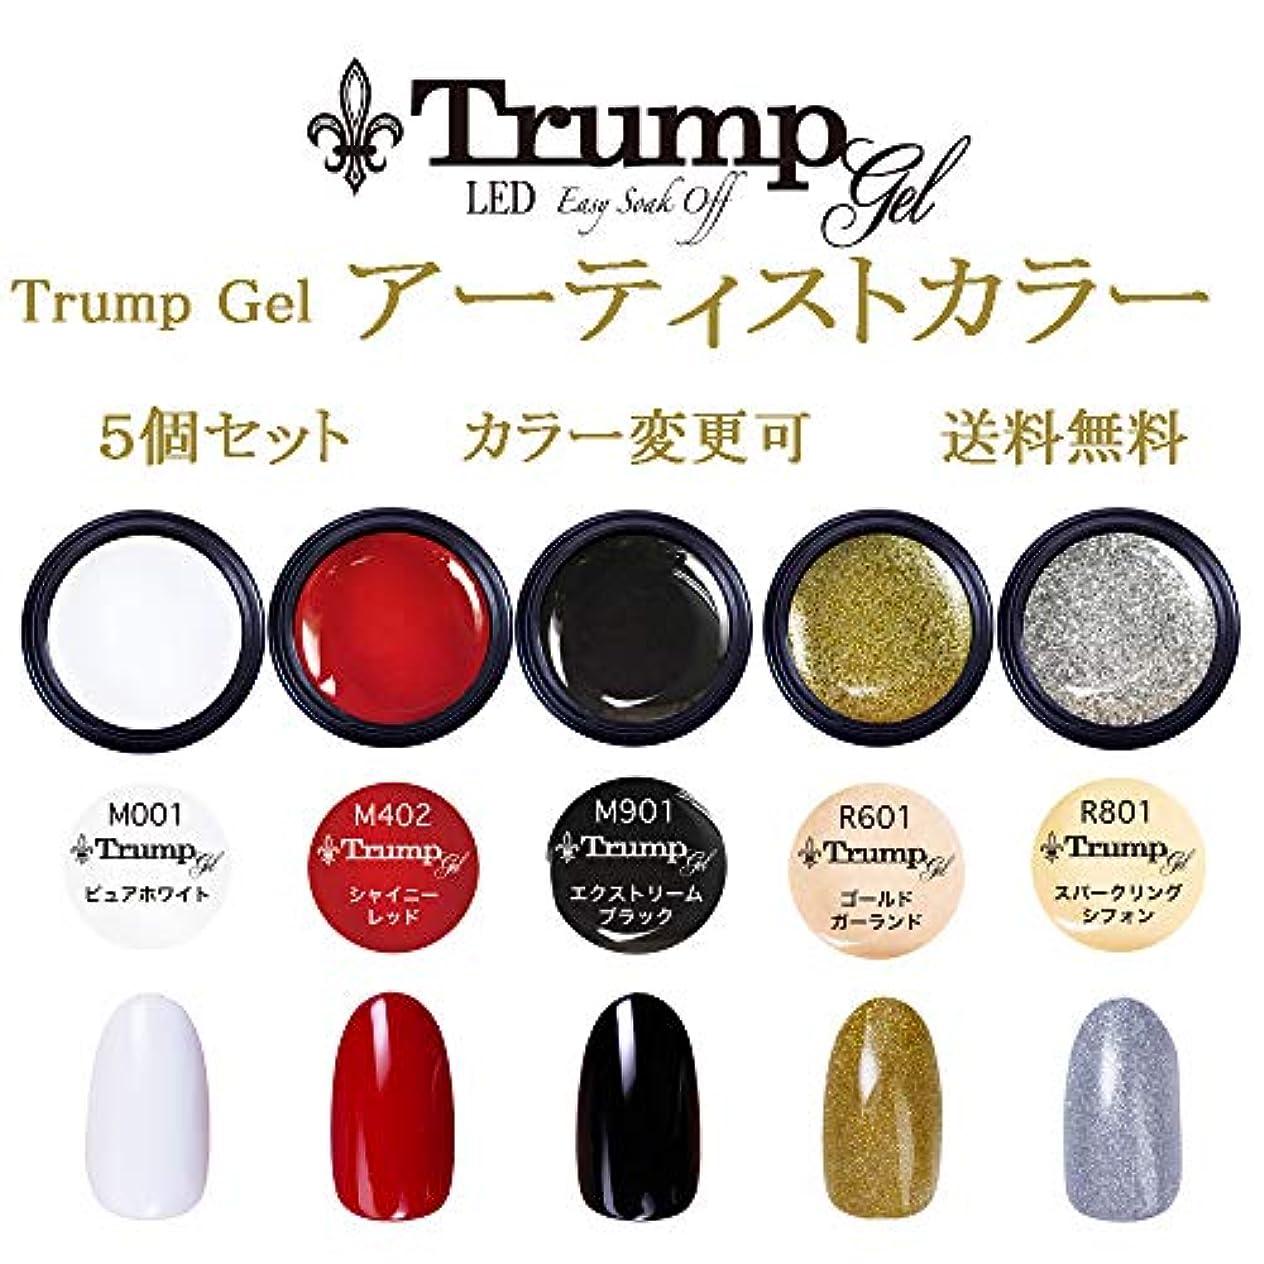 【送料無料】Trumpアーティストカラー選べる カラージェル5個セット